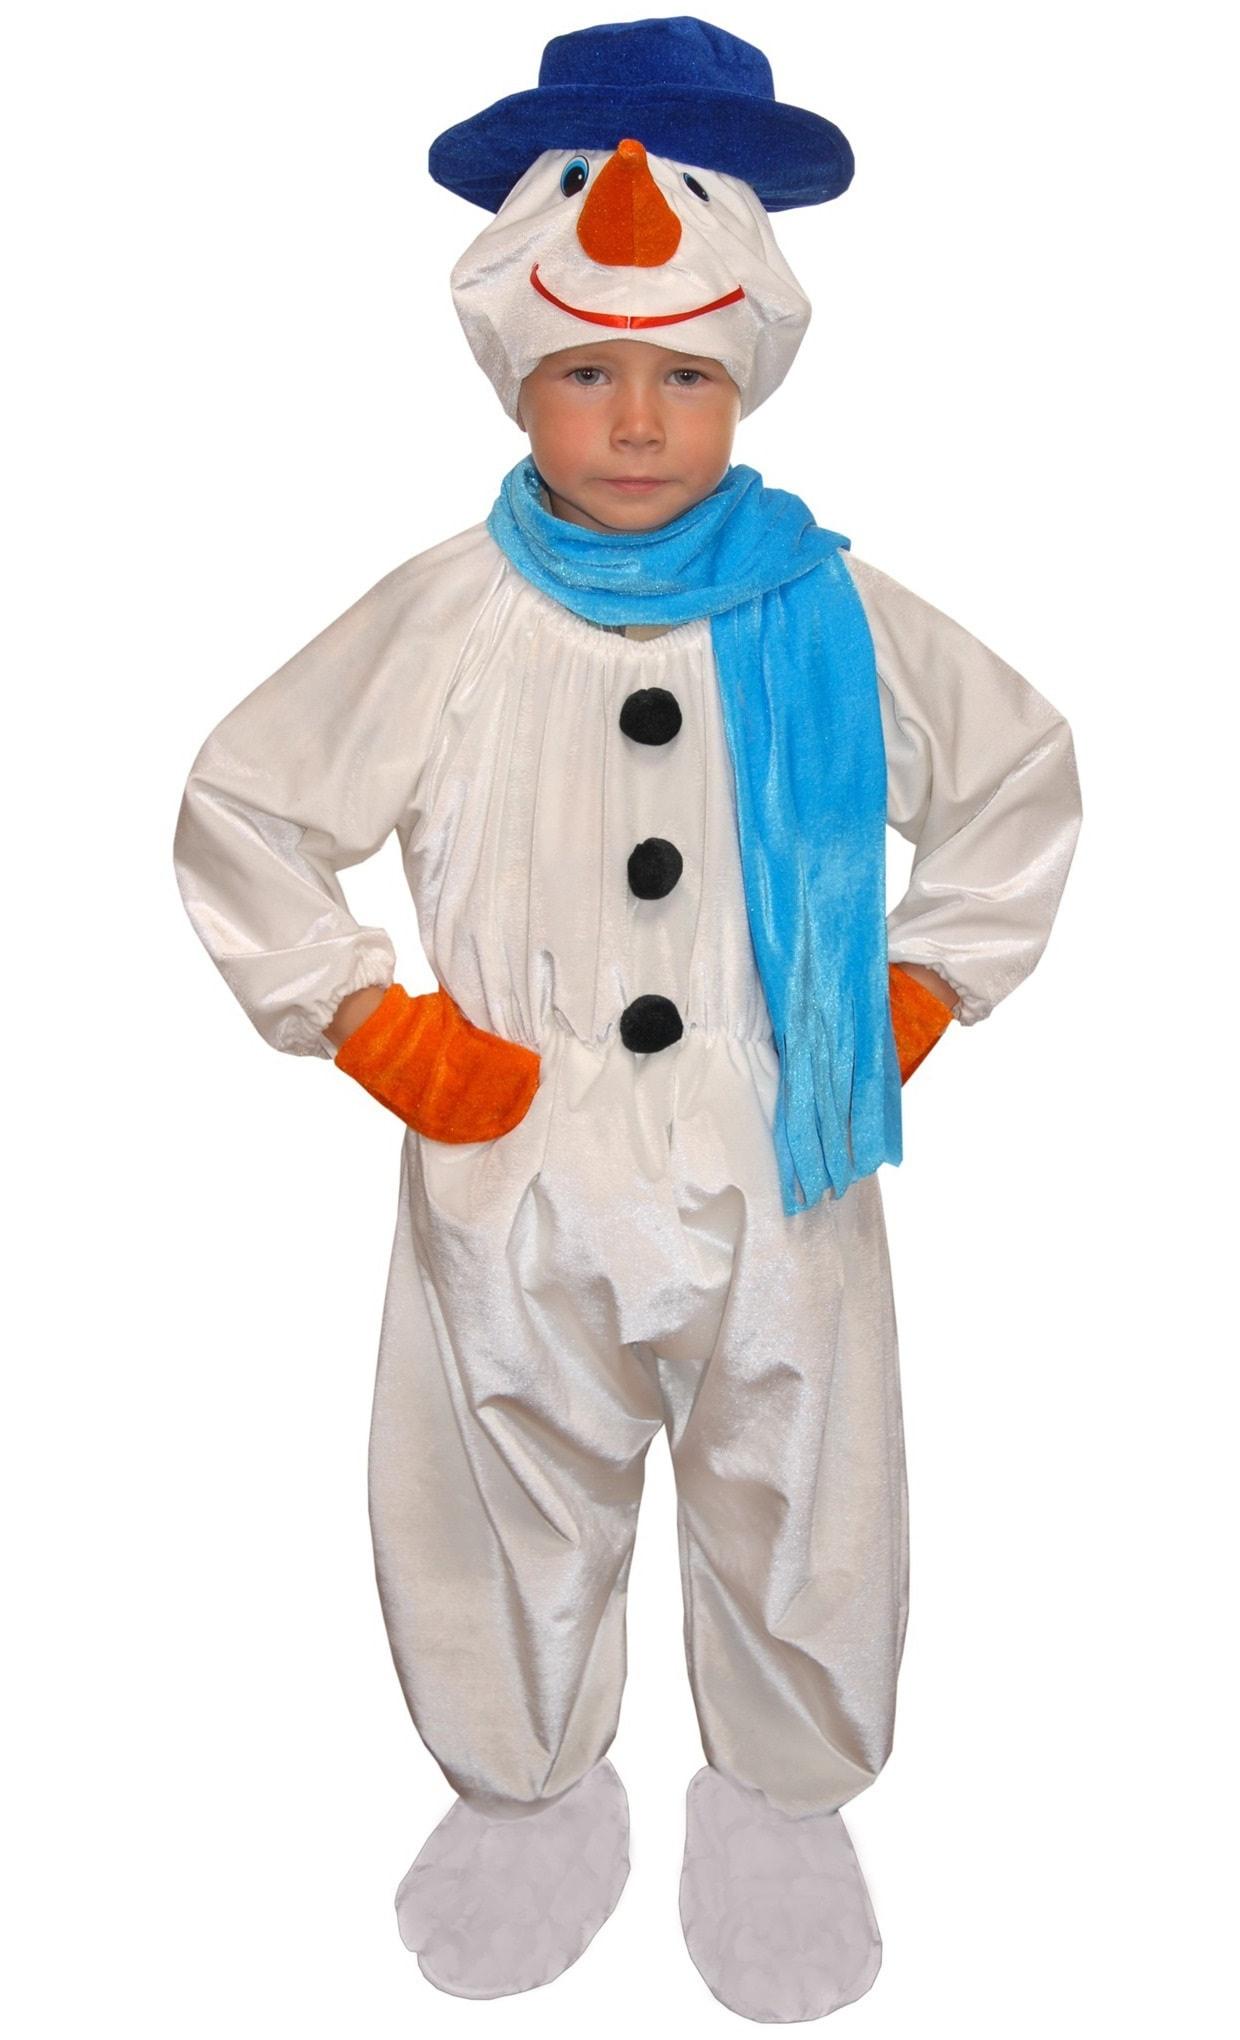 Костюм снеговика своими руками - пошив праздничного наряда от а до я (90 фото + видео)